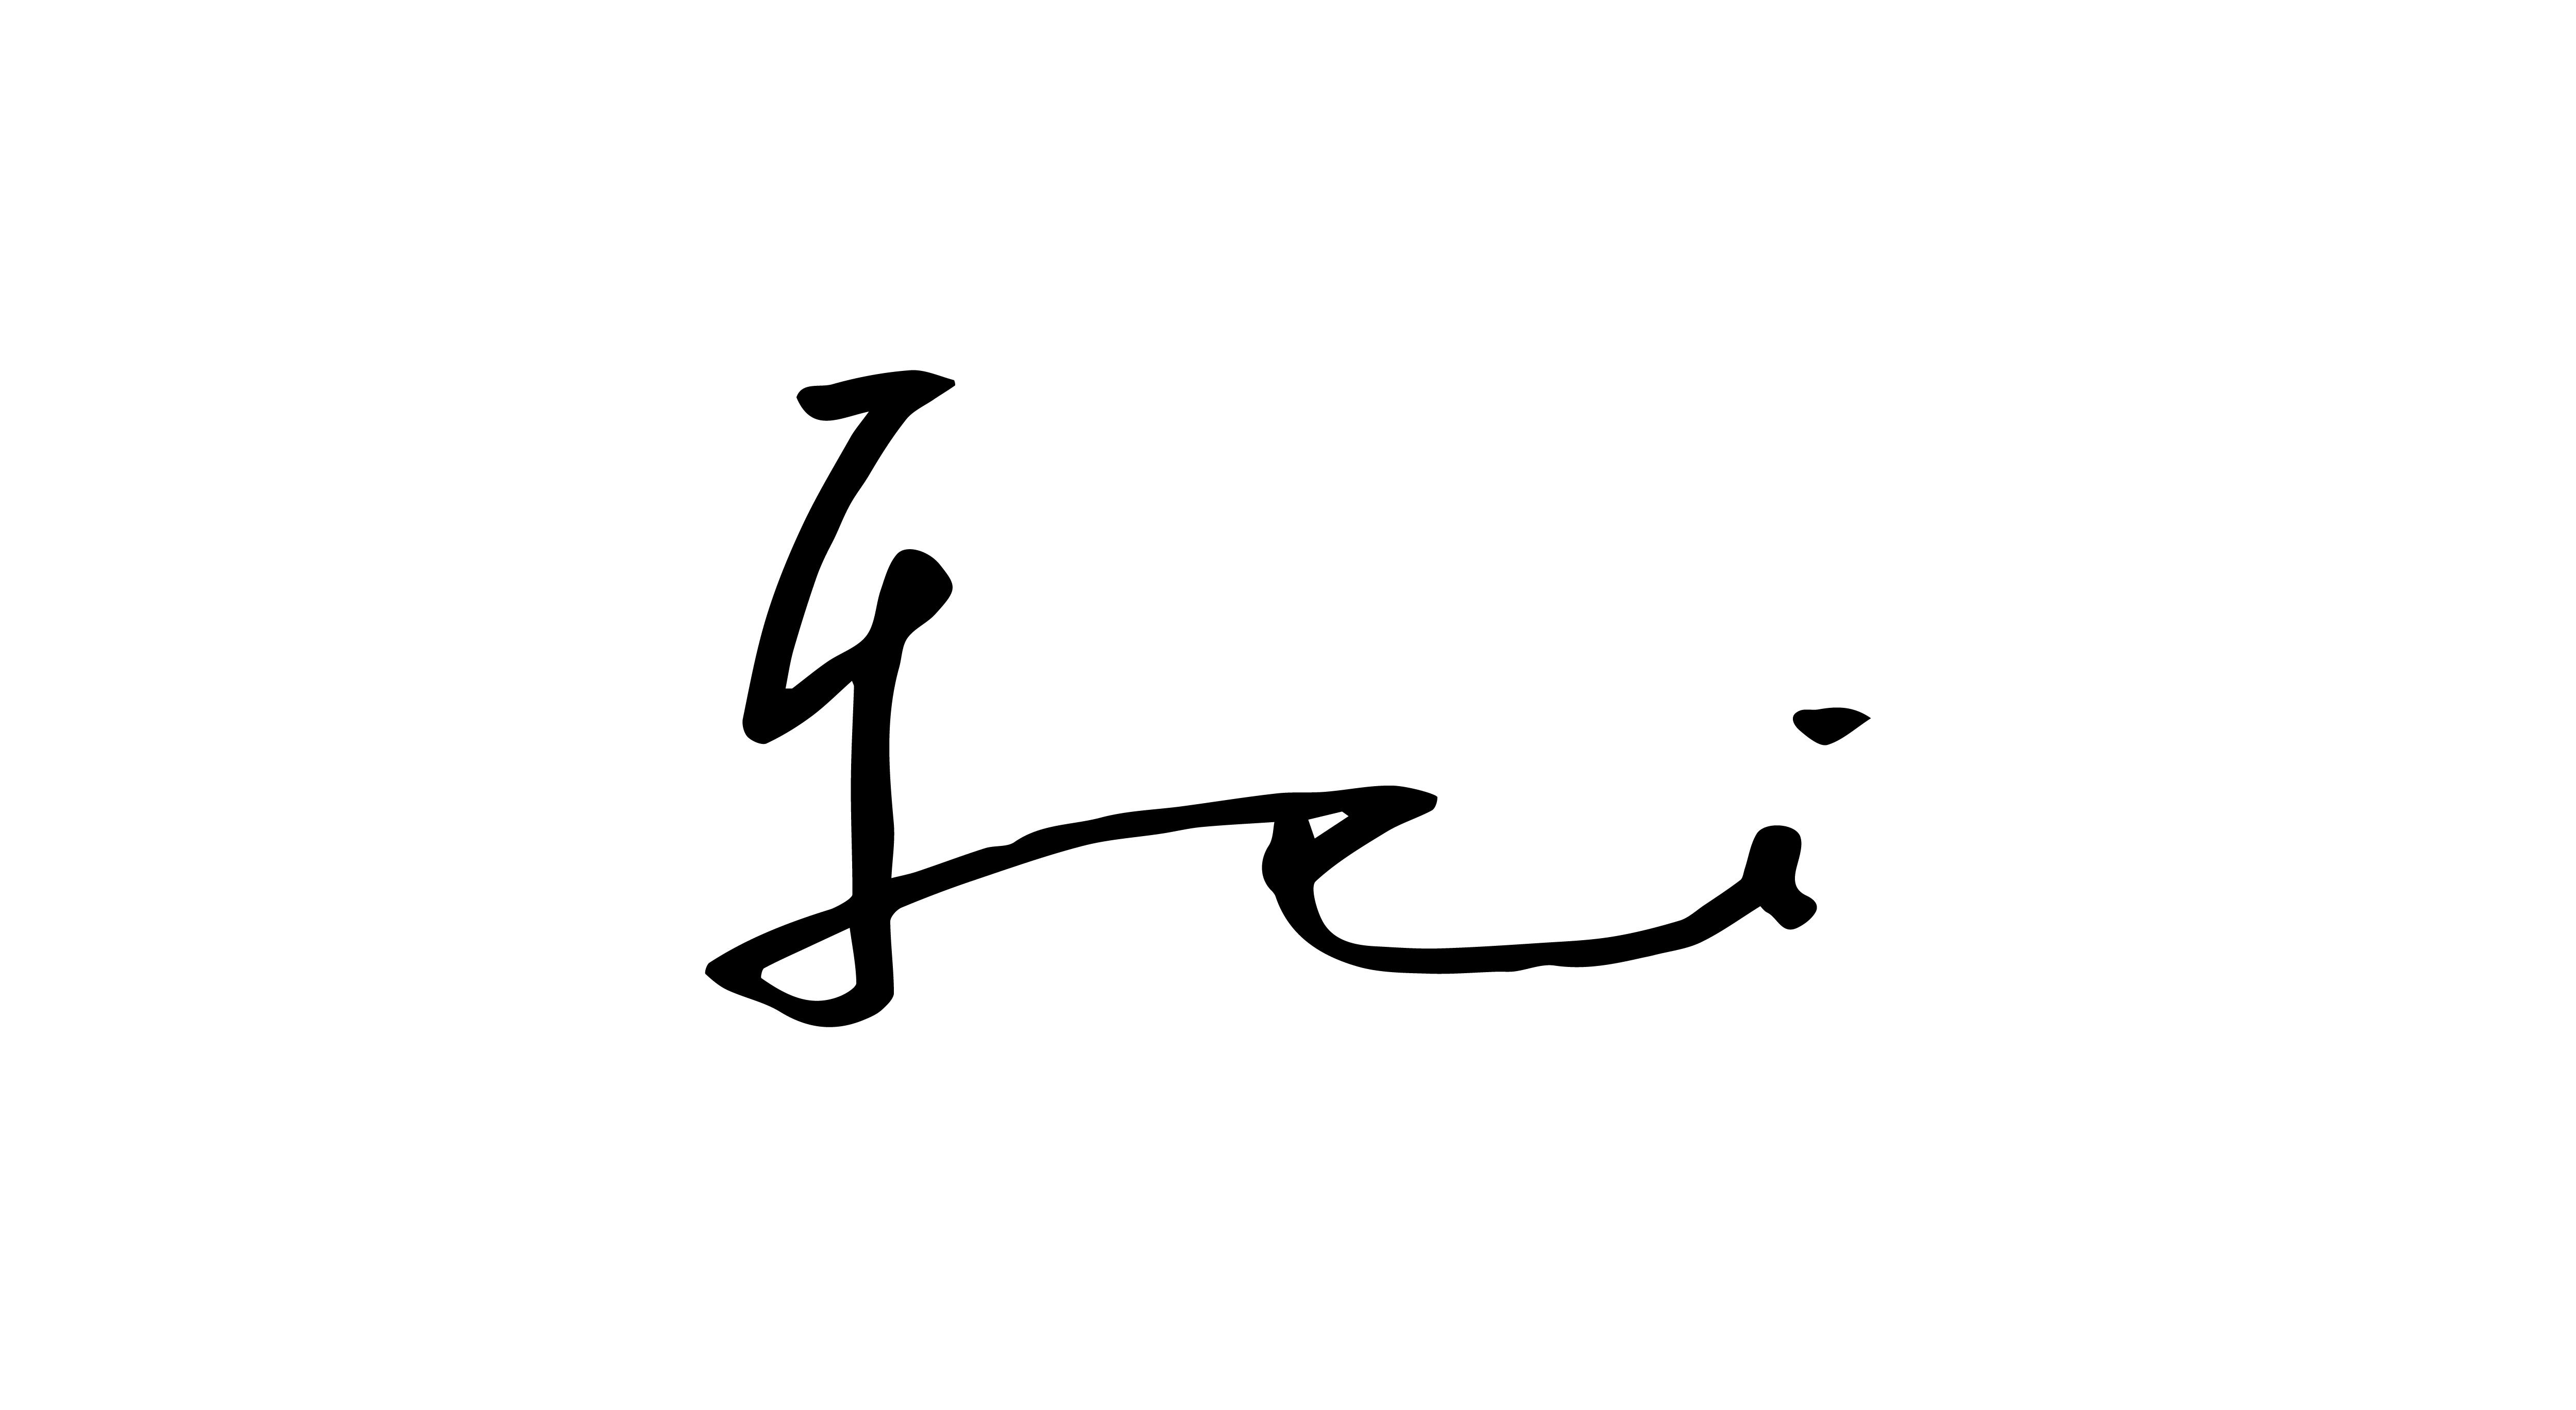 Lei nie's Signature